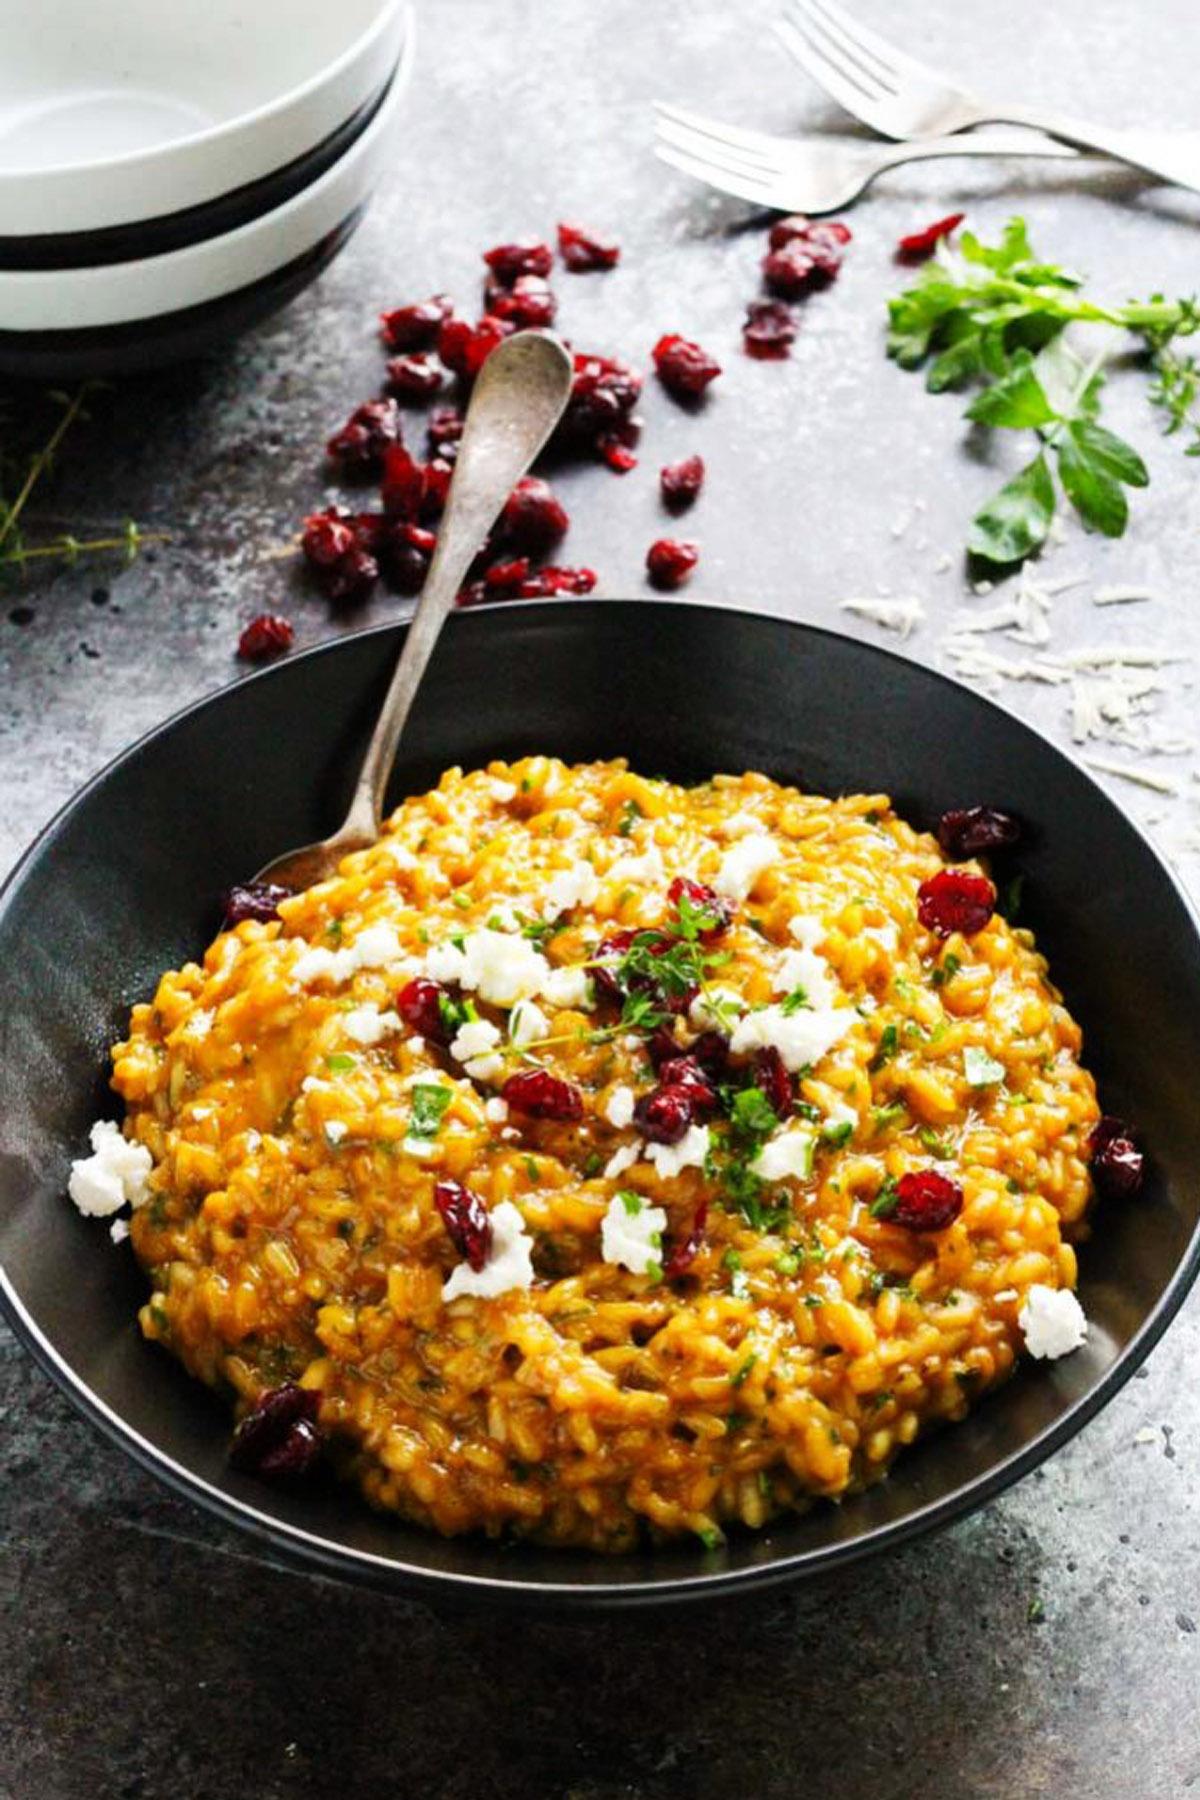 Best Dinner Recipes For Autumn